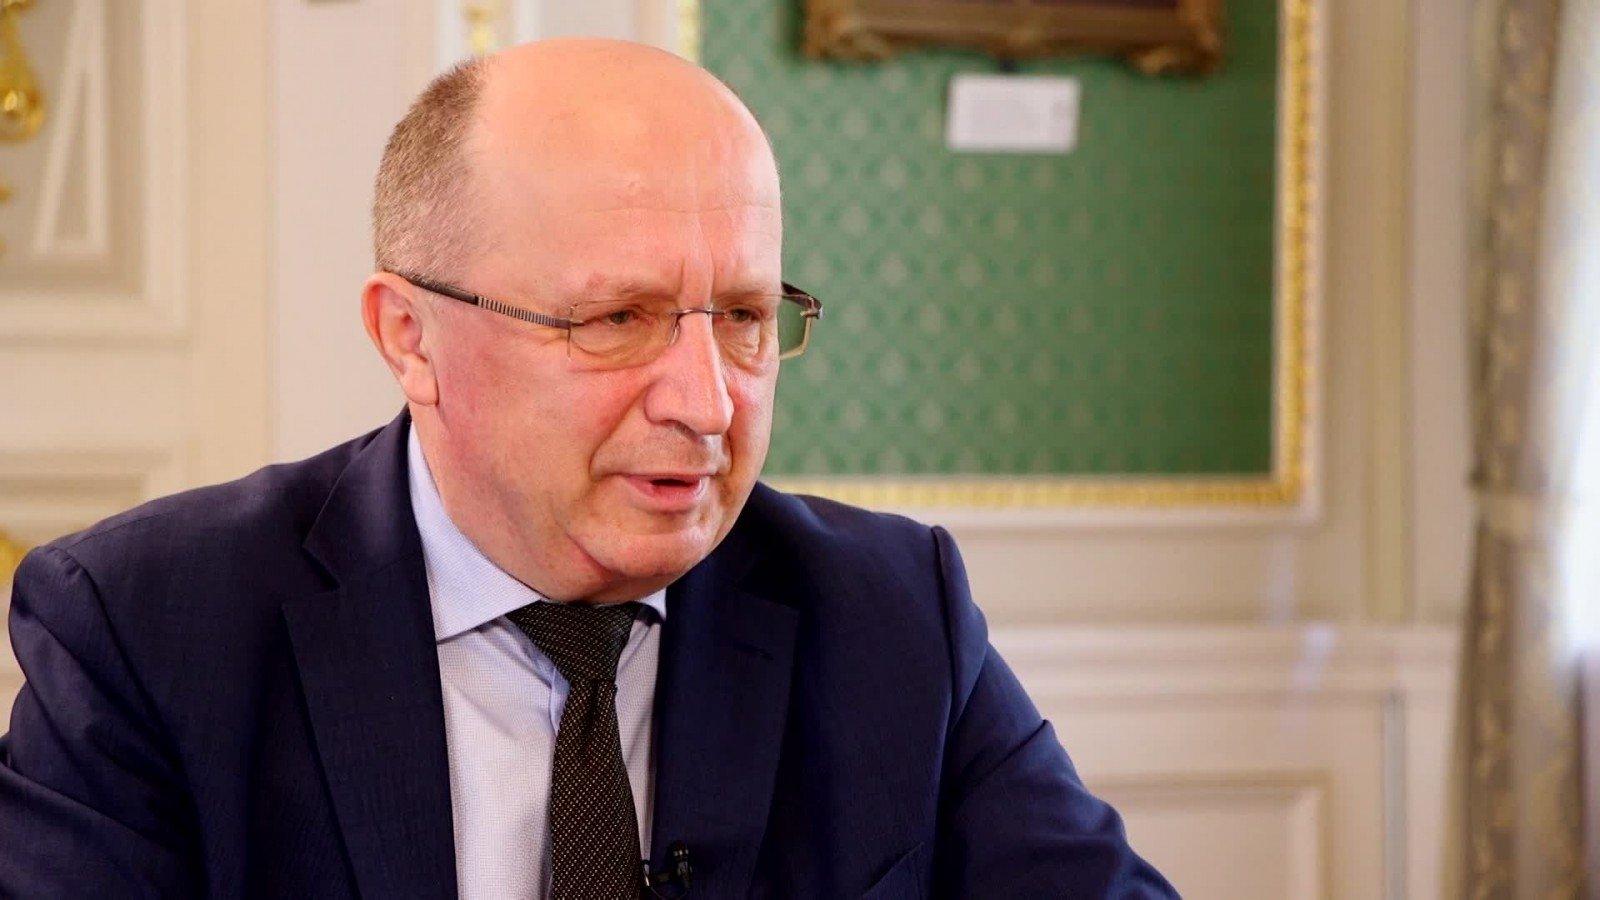 Порошенко: Работа по«плану Маршалла» для Украины будет продолжена